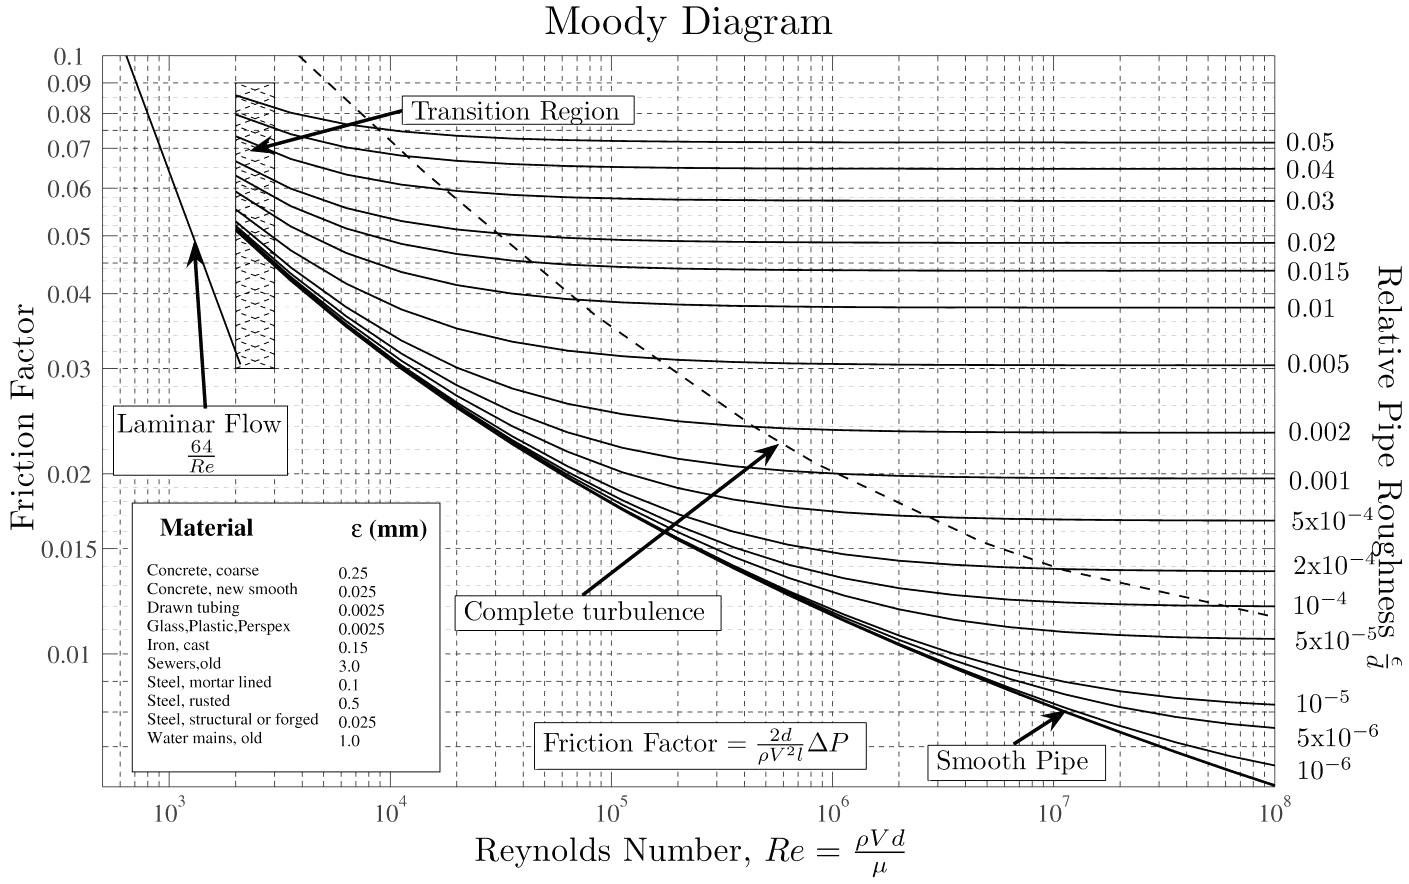 Moody_diagram.jpg